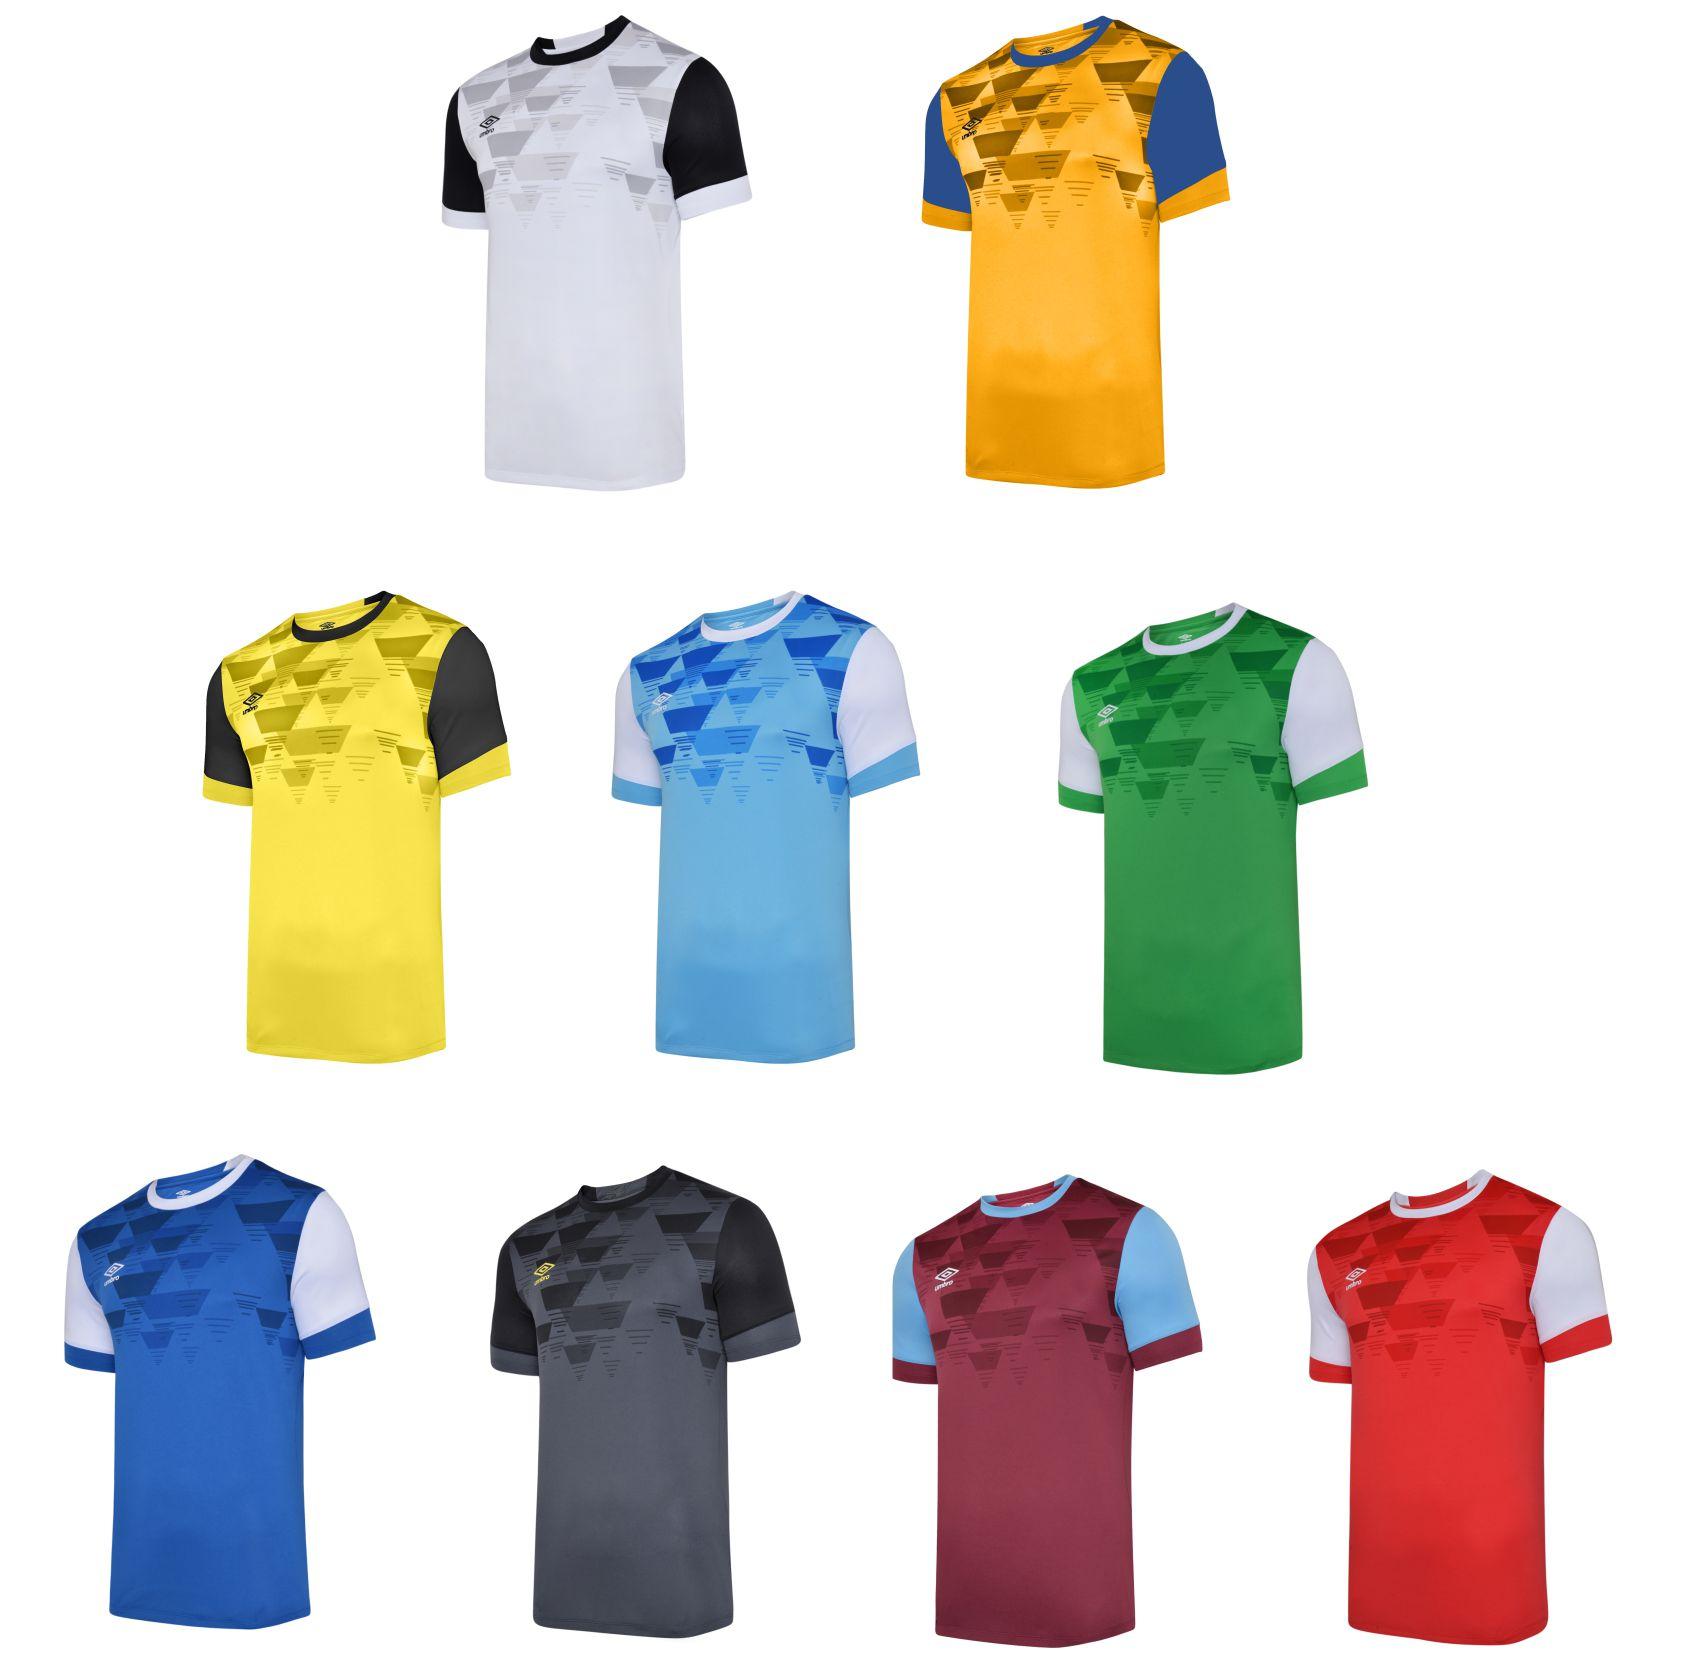 umbro tennis shirts